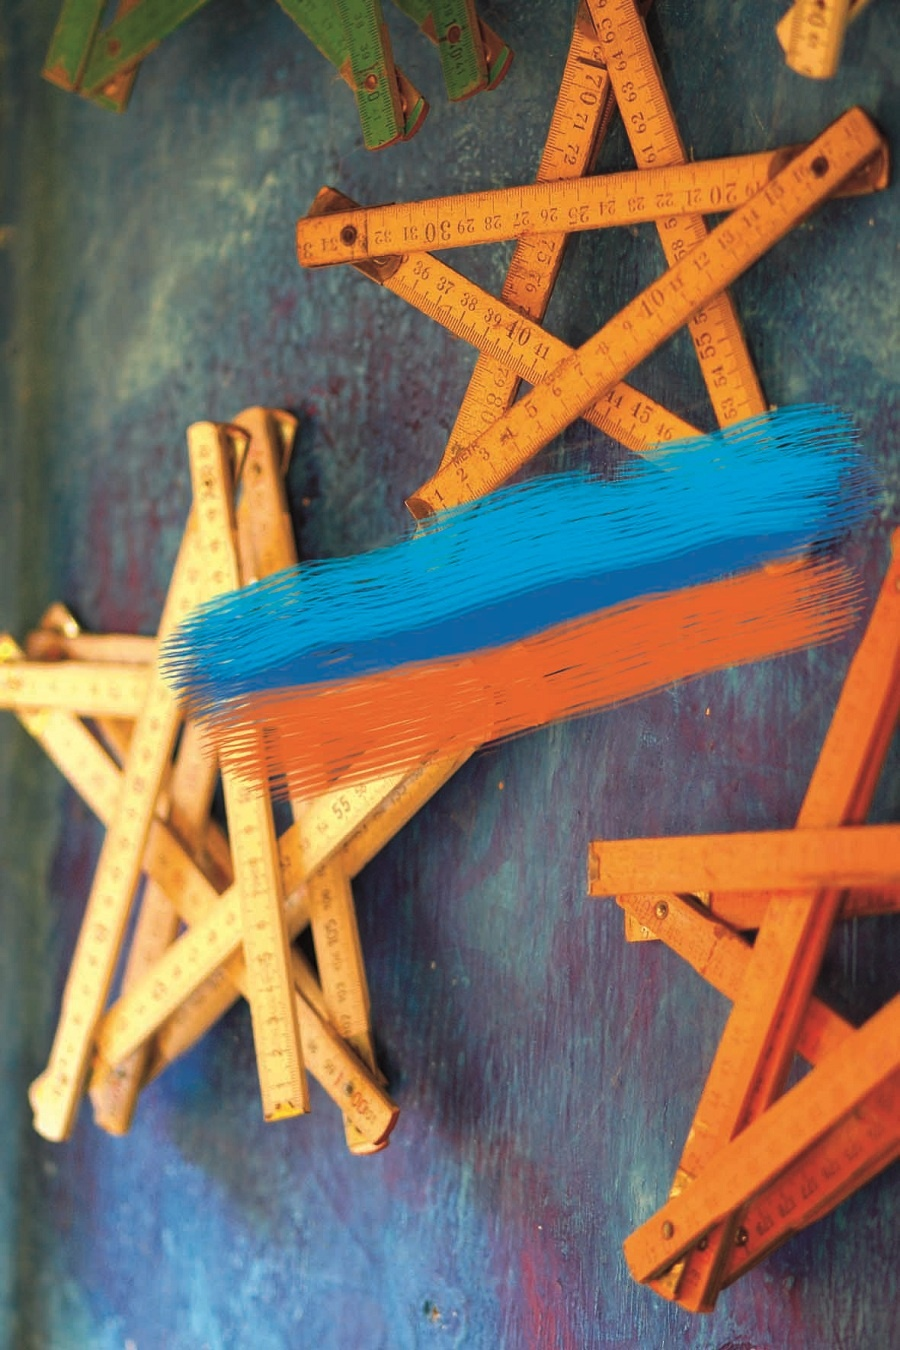 Studené aj teplé, živé aj pokojné. Trocha farbičiek zmení obraz aj toho najchladnejšieho múru. Ľadový pocit z modrej farby v spojení s hrejivými oranžovými tónmi vám dovolí zabudnúť na zimnú šeď. (foto: Dano Veselský)